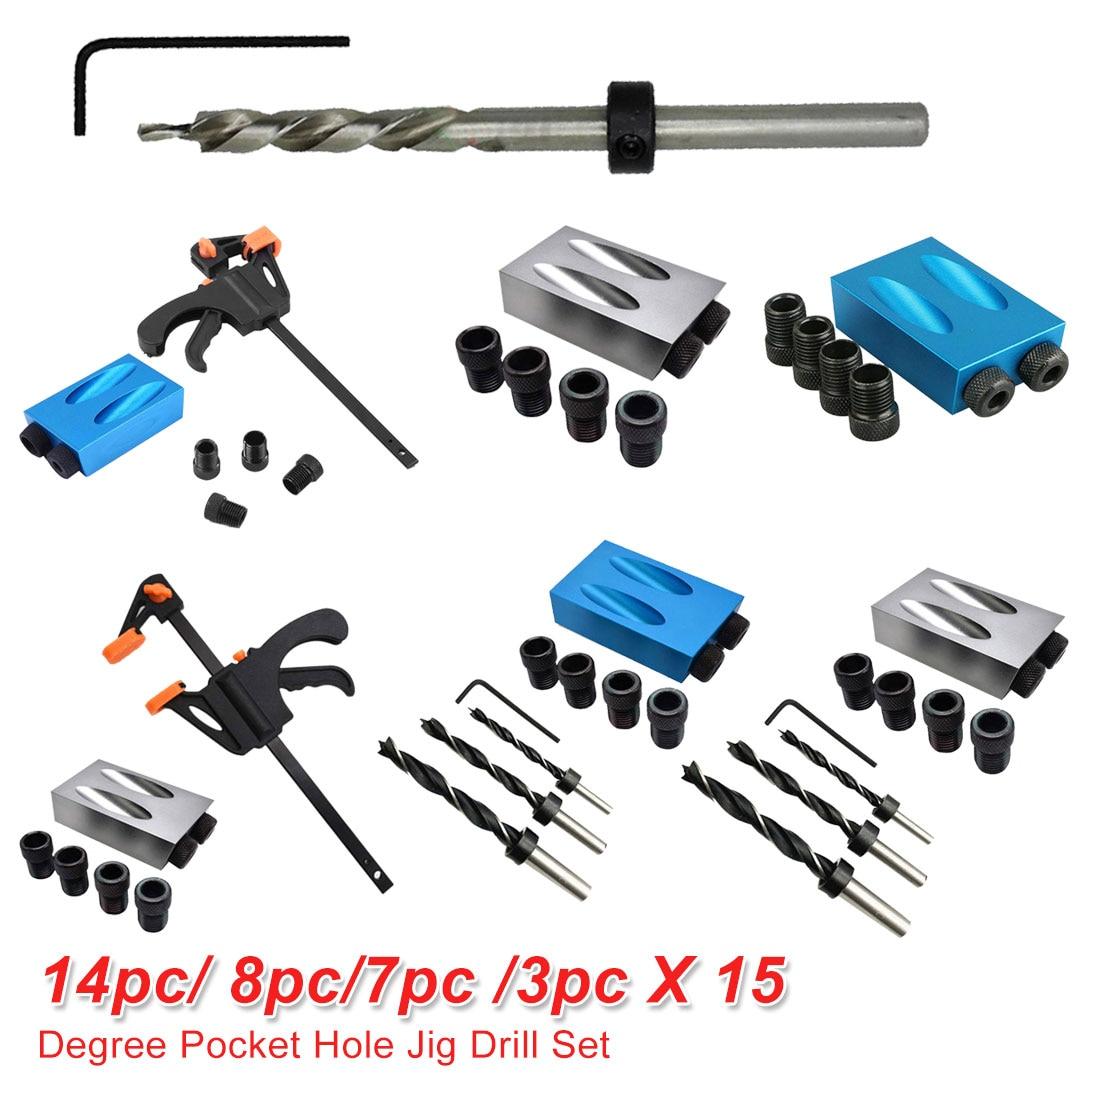 6mm 8mm 10mm Holzbearbeitung Tasche Loch Jig Winkel Drill Guide Set 14 pc/8 pc/ 7 pc/3 pc Loch Puncher Locator Jig Bohrer Für Zimmerei